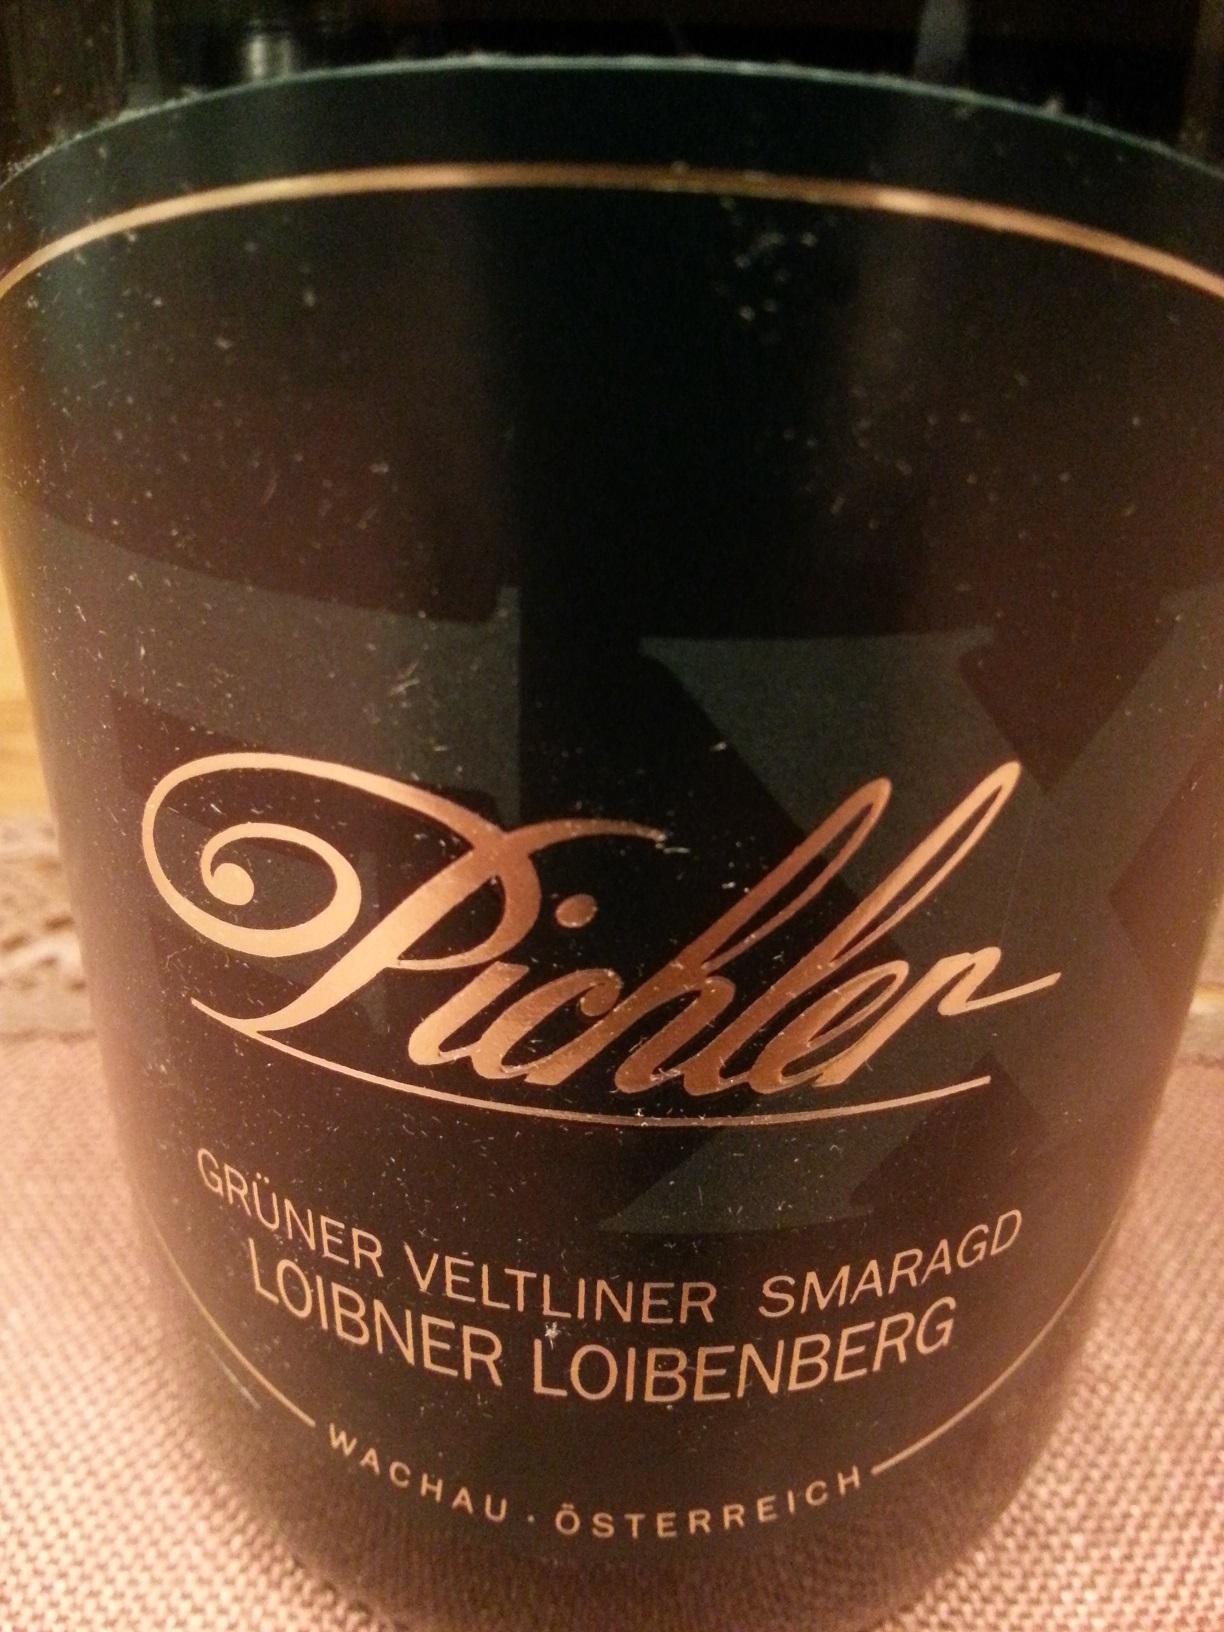 2012 Grüner Veltliner Smaragd Loibenberg | F.X. Pichler